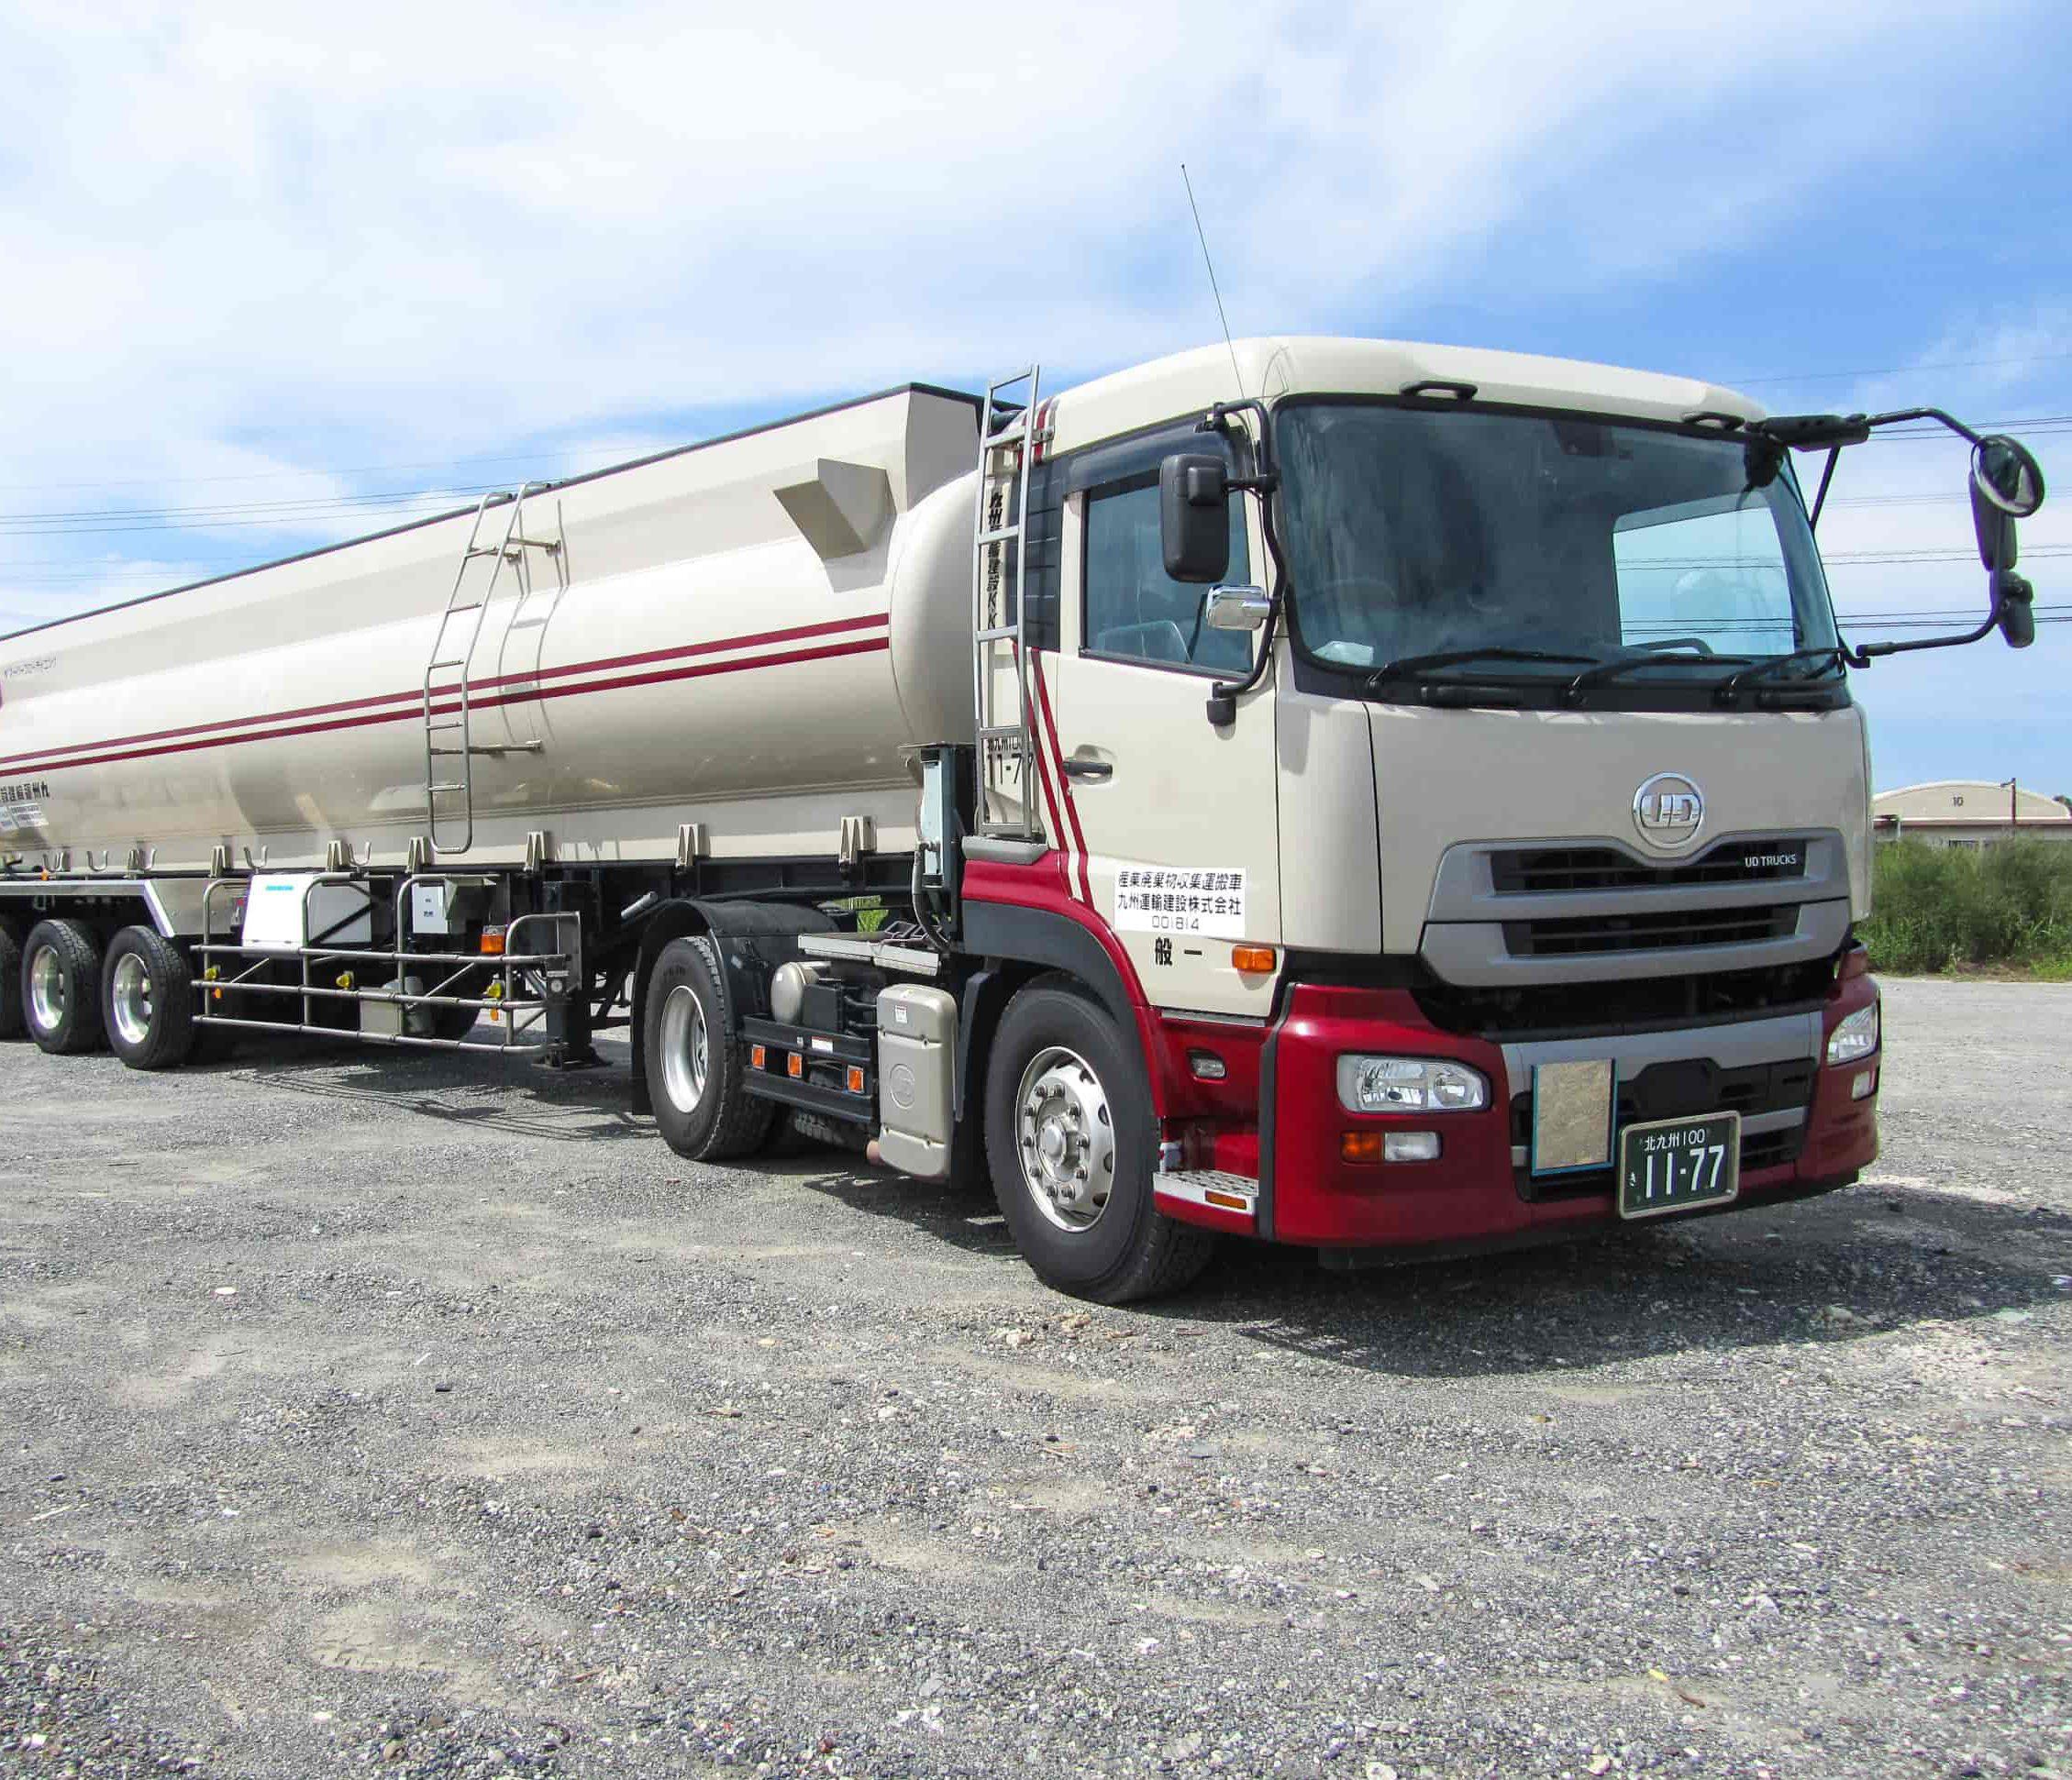 産業廃棄物の運搬車の画像|会社紹介|九州運輸建設株式会社|北九州市